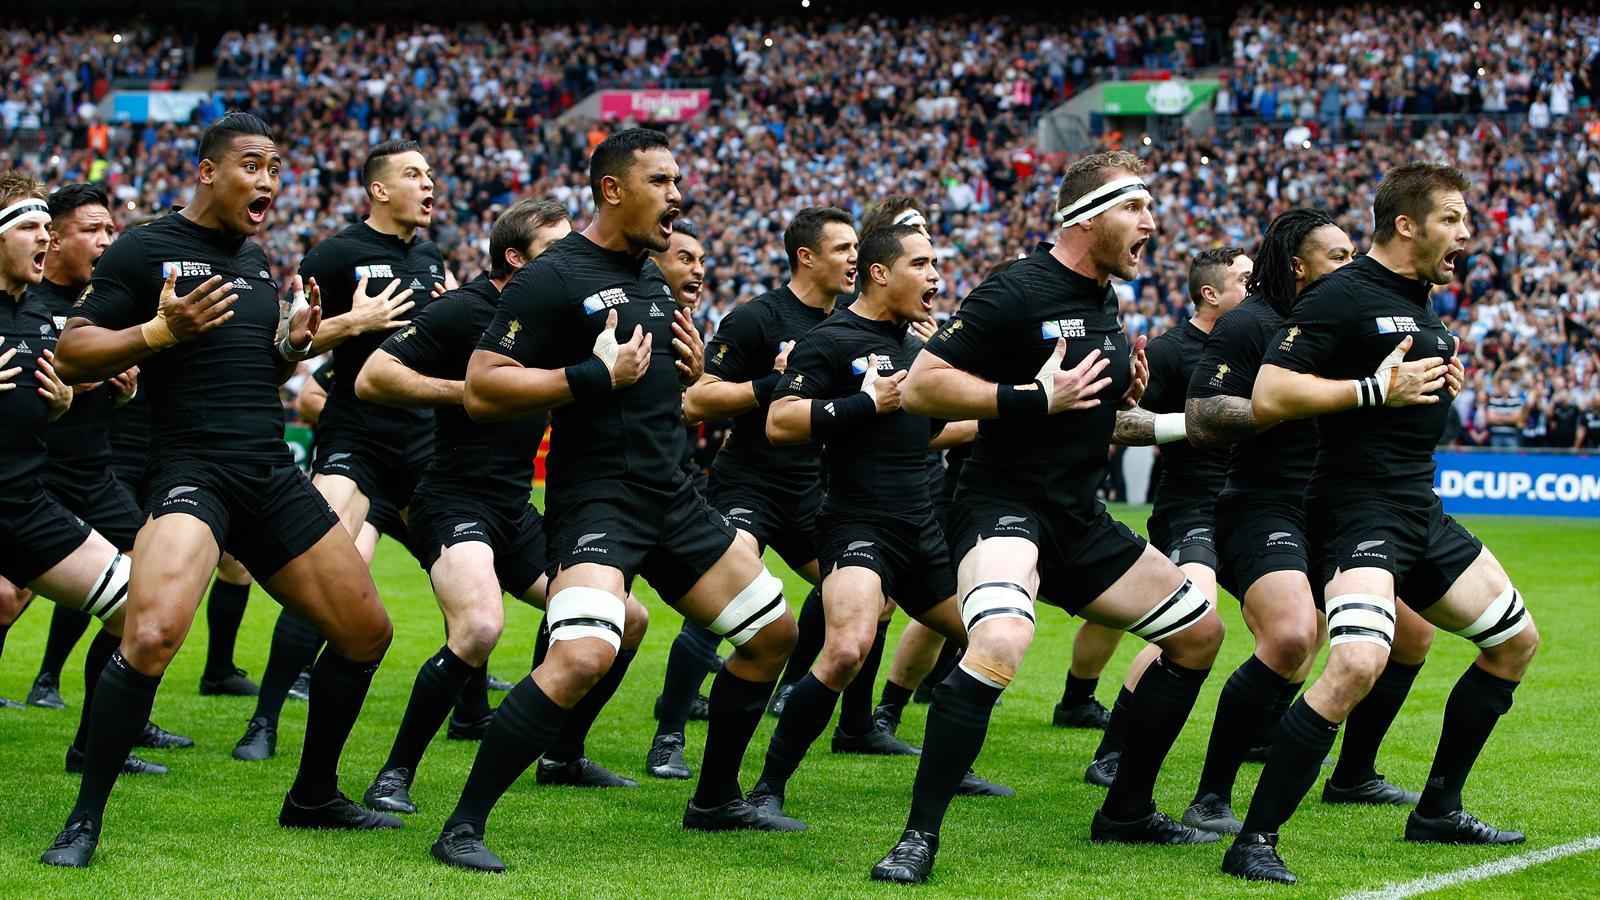 Risultati coppa italia rugby femminile